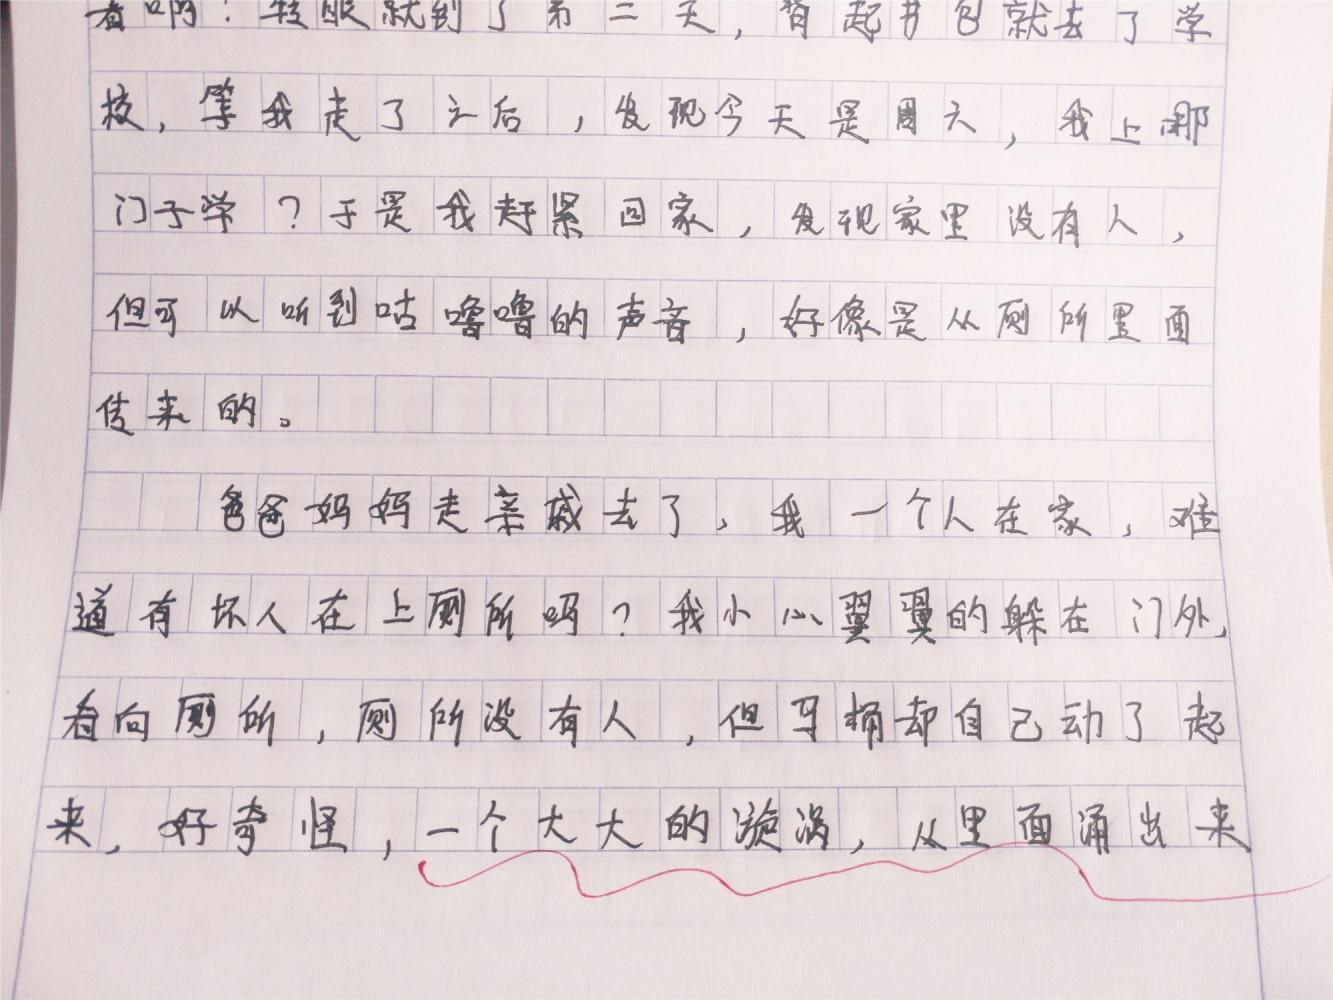 小学奇葩作文《田螺姑娘》, 老师笑到肝疼, 家长: 怪不得马桶堵了